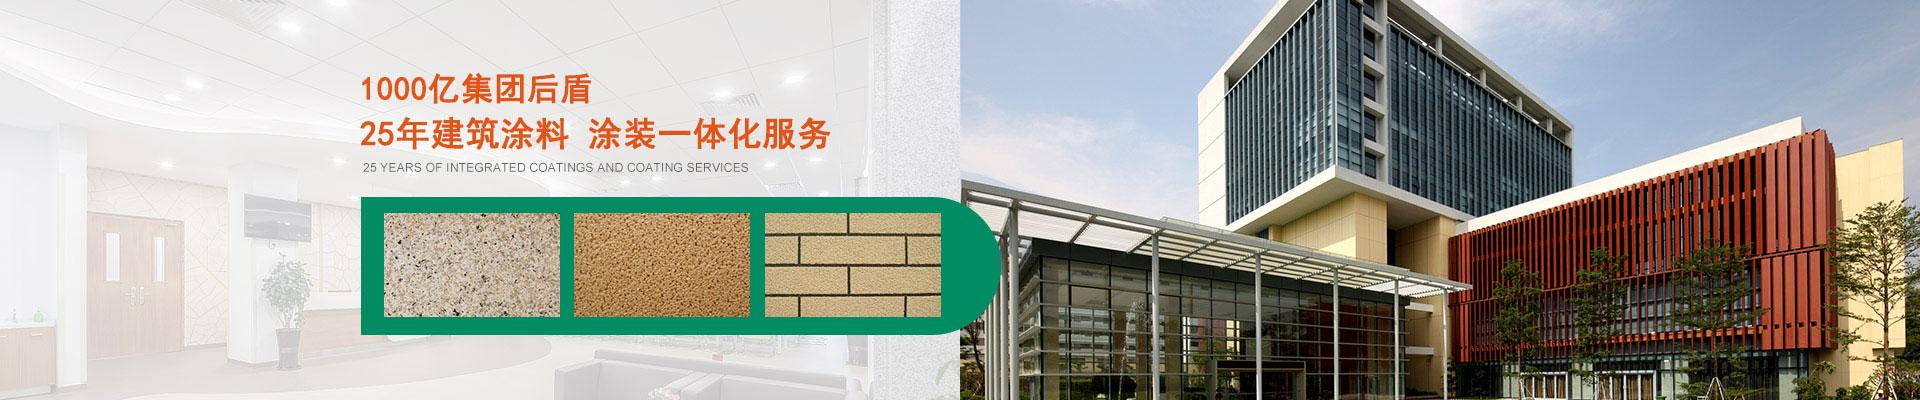 广田涂料-25年建筑涂料 涂装一体化服务